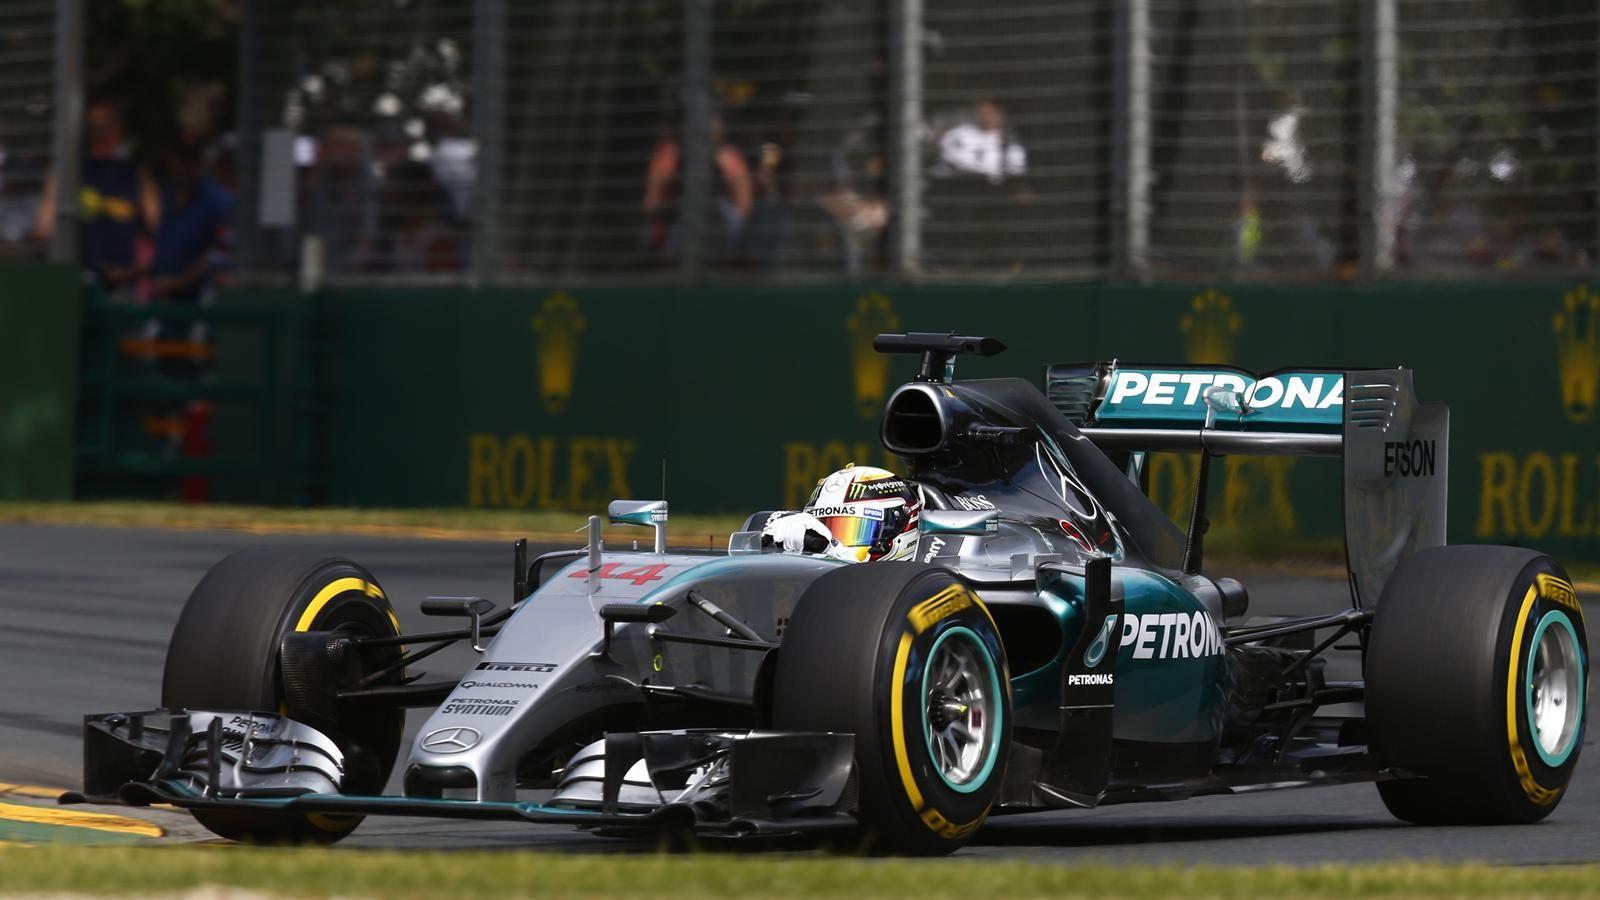 Spécial Sebastian Vettel (Formule un) - Page 12 1435492-30706734-1600-900